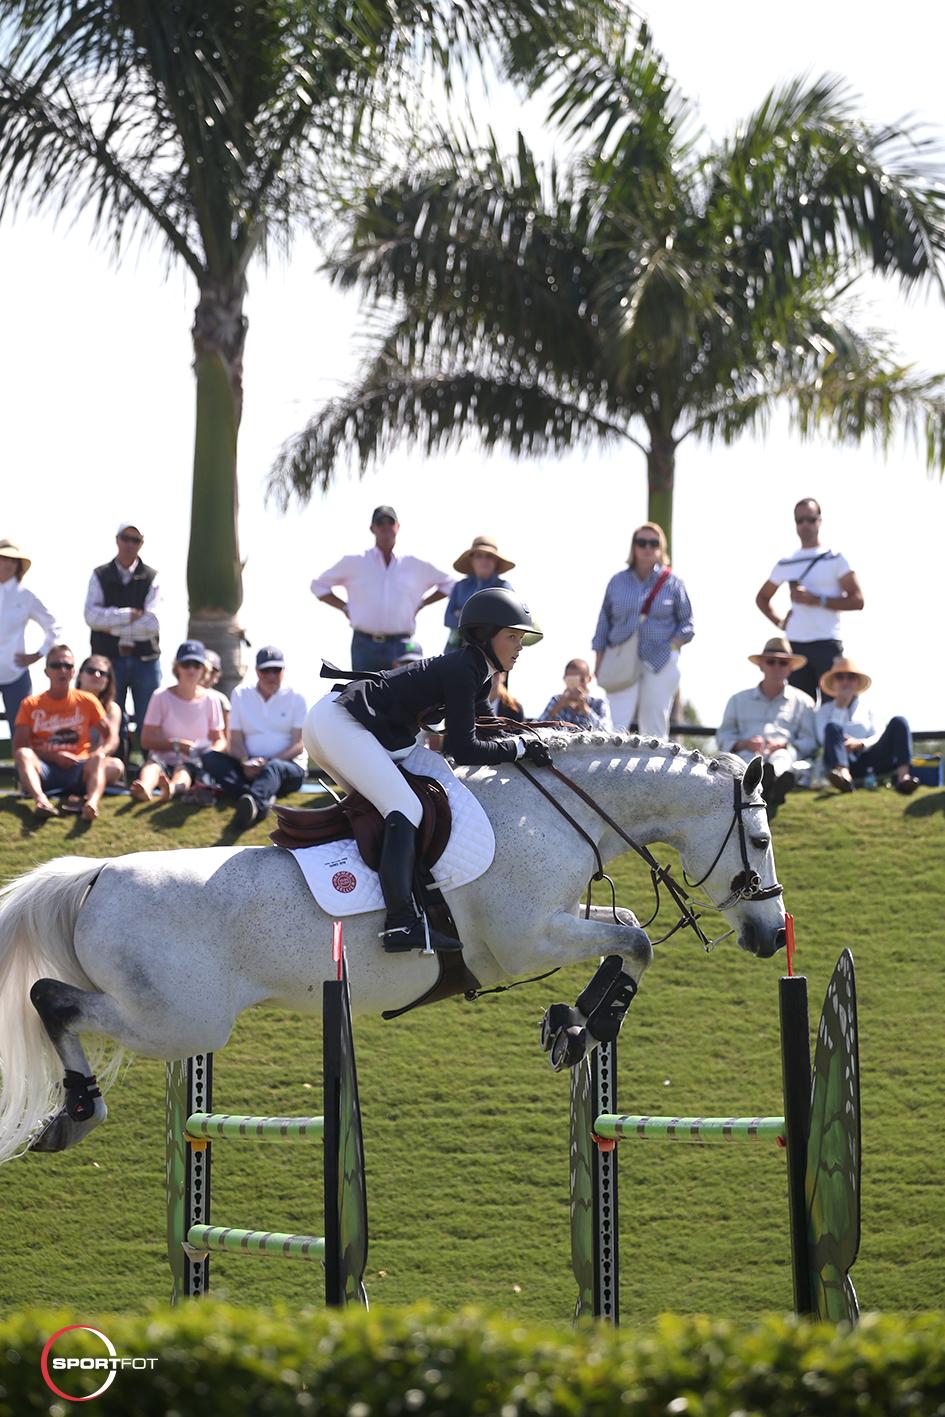 21/03/2018 ; Wellington FL ; Winter Equestrian Festival - Week 1